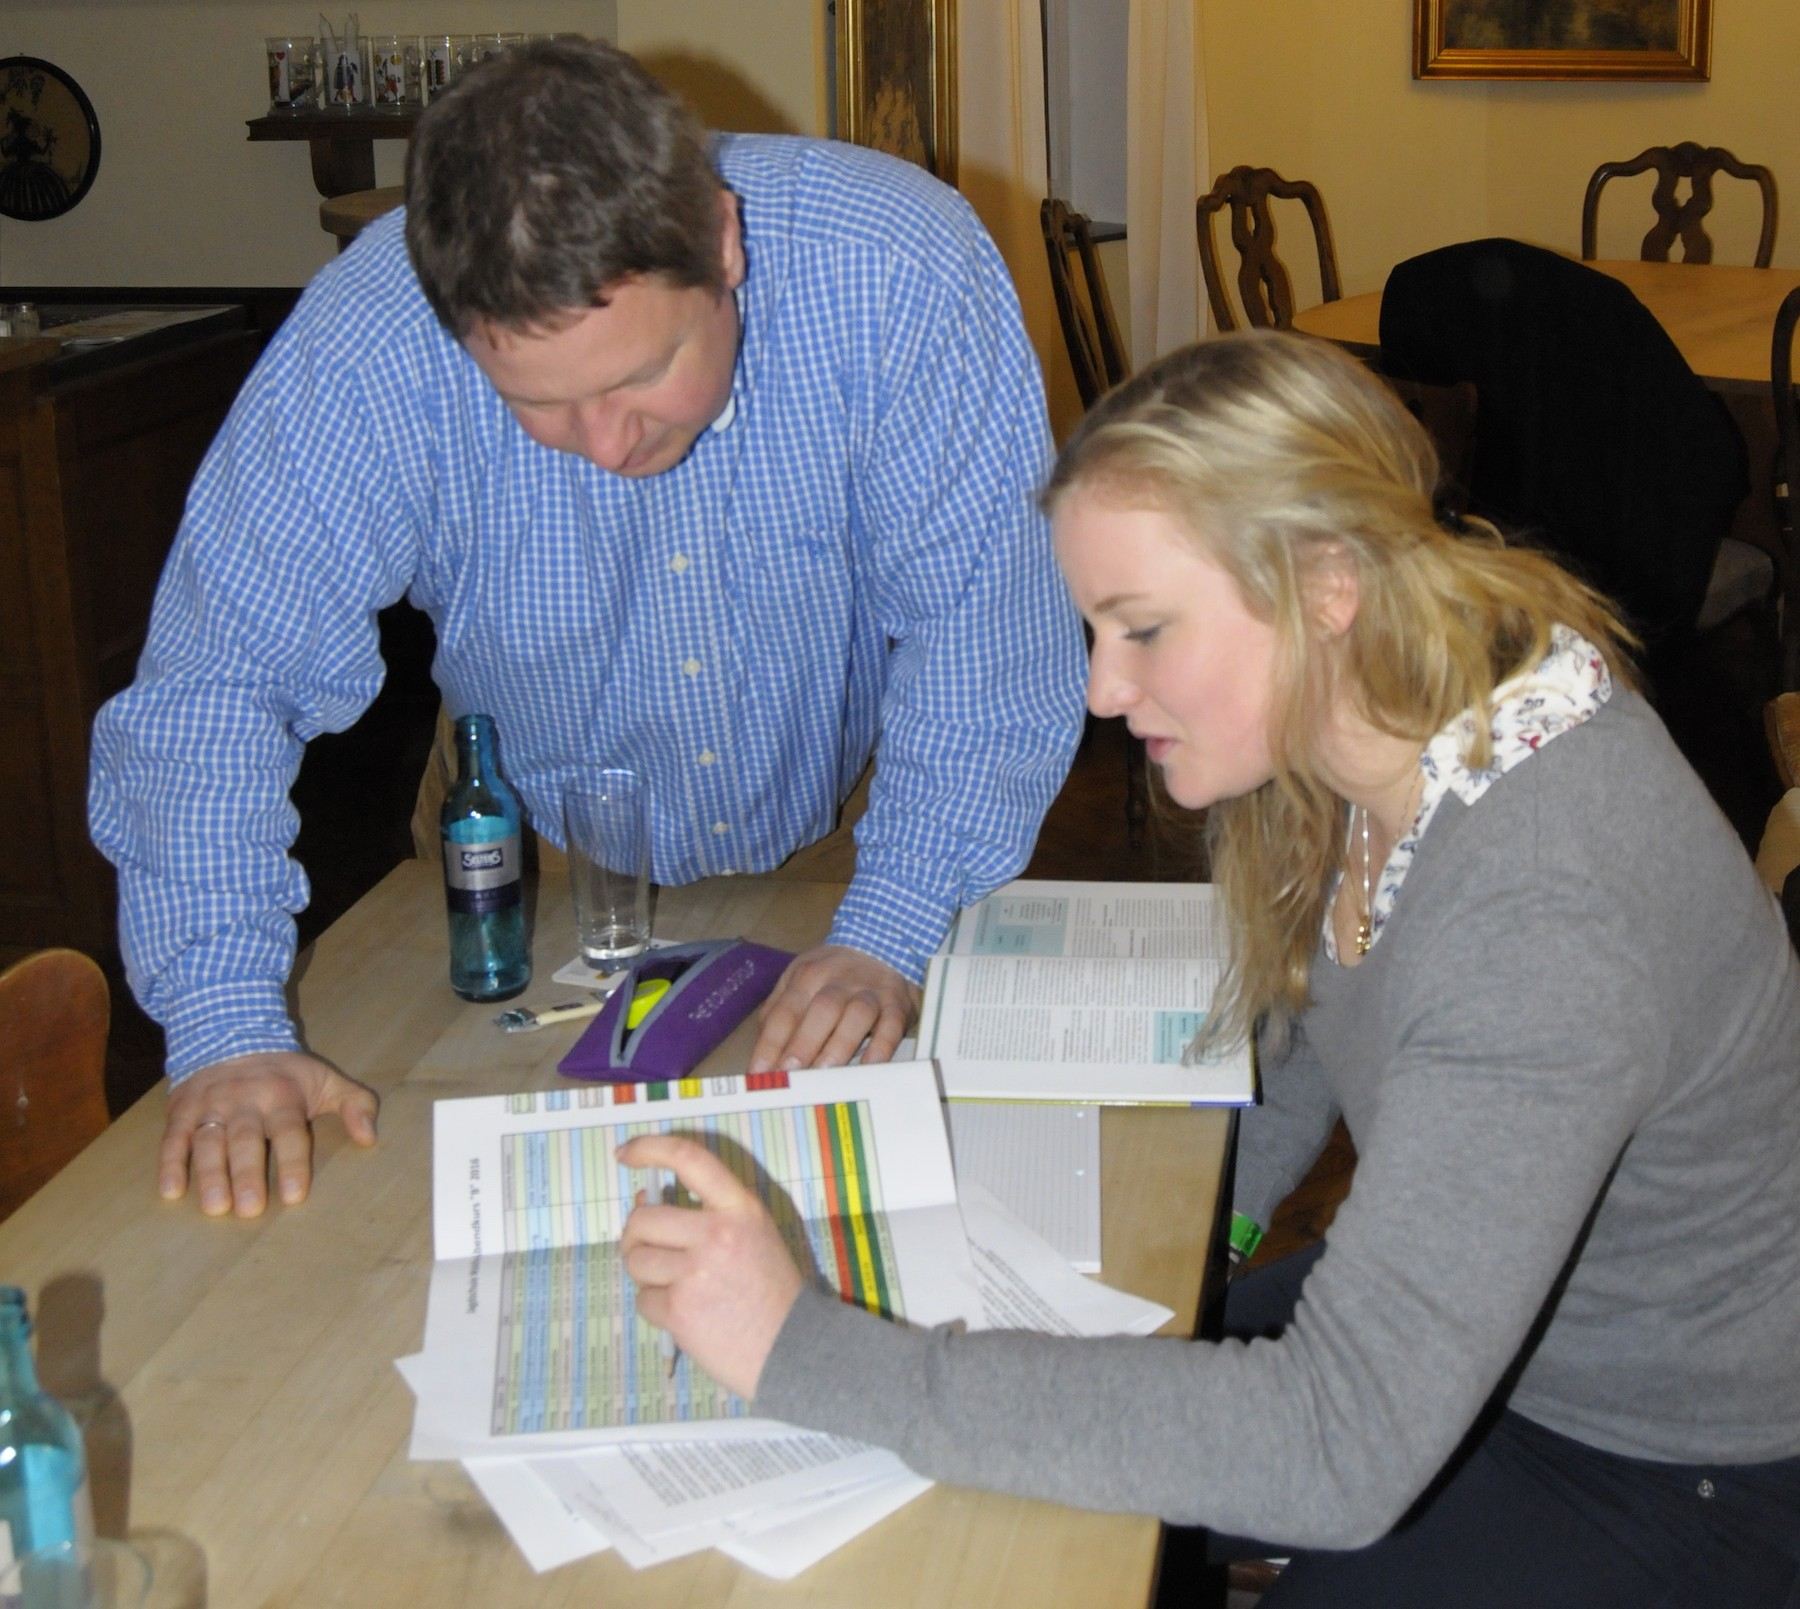 In den Theoriestunden erklärt Lehrer Ol Holler seinen Schülern die wichtigsten Grundlagen.